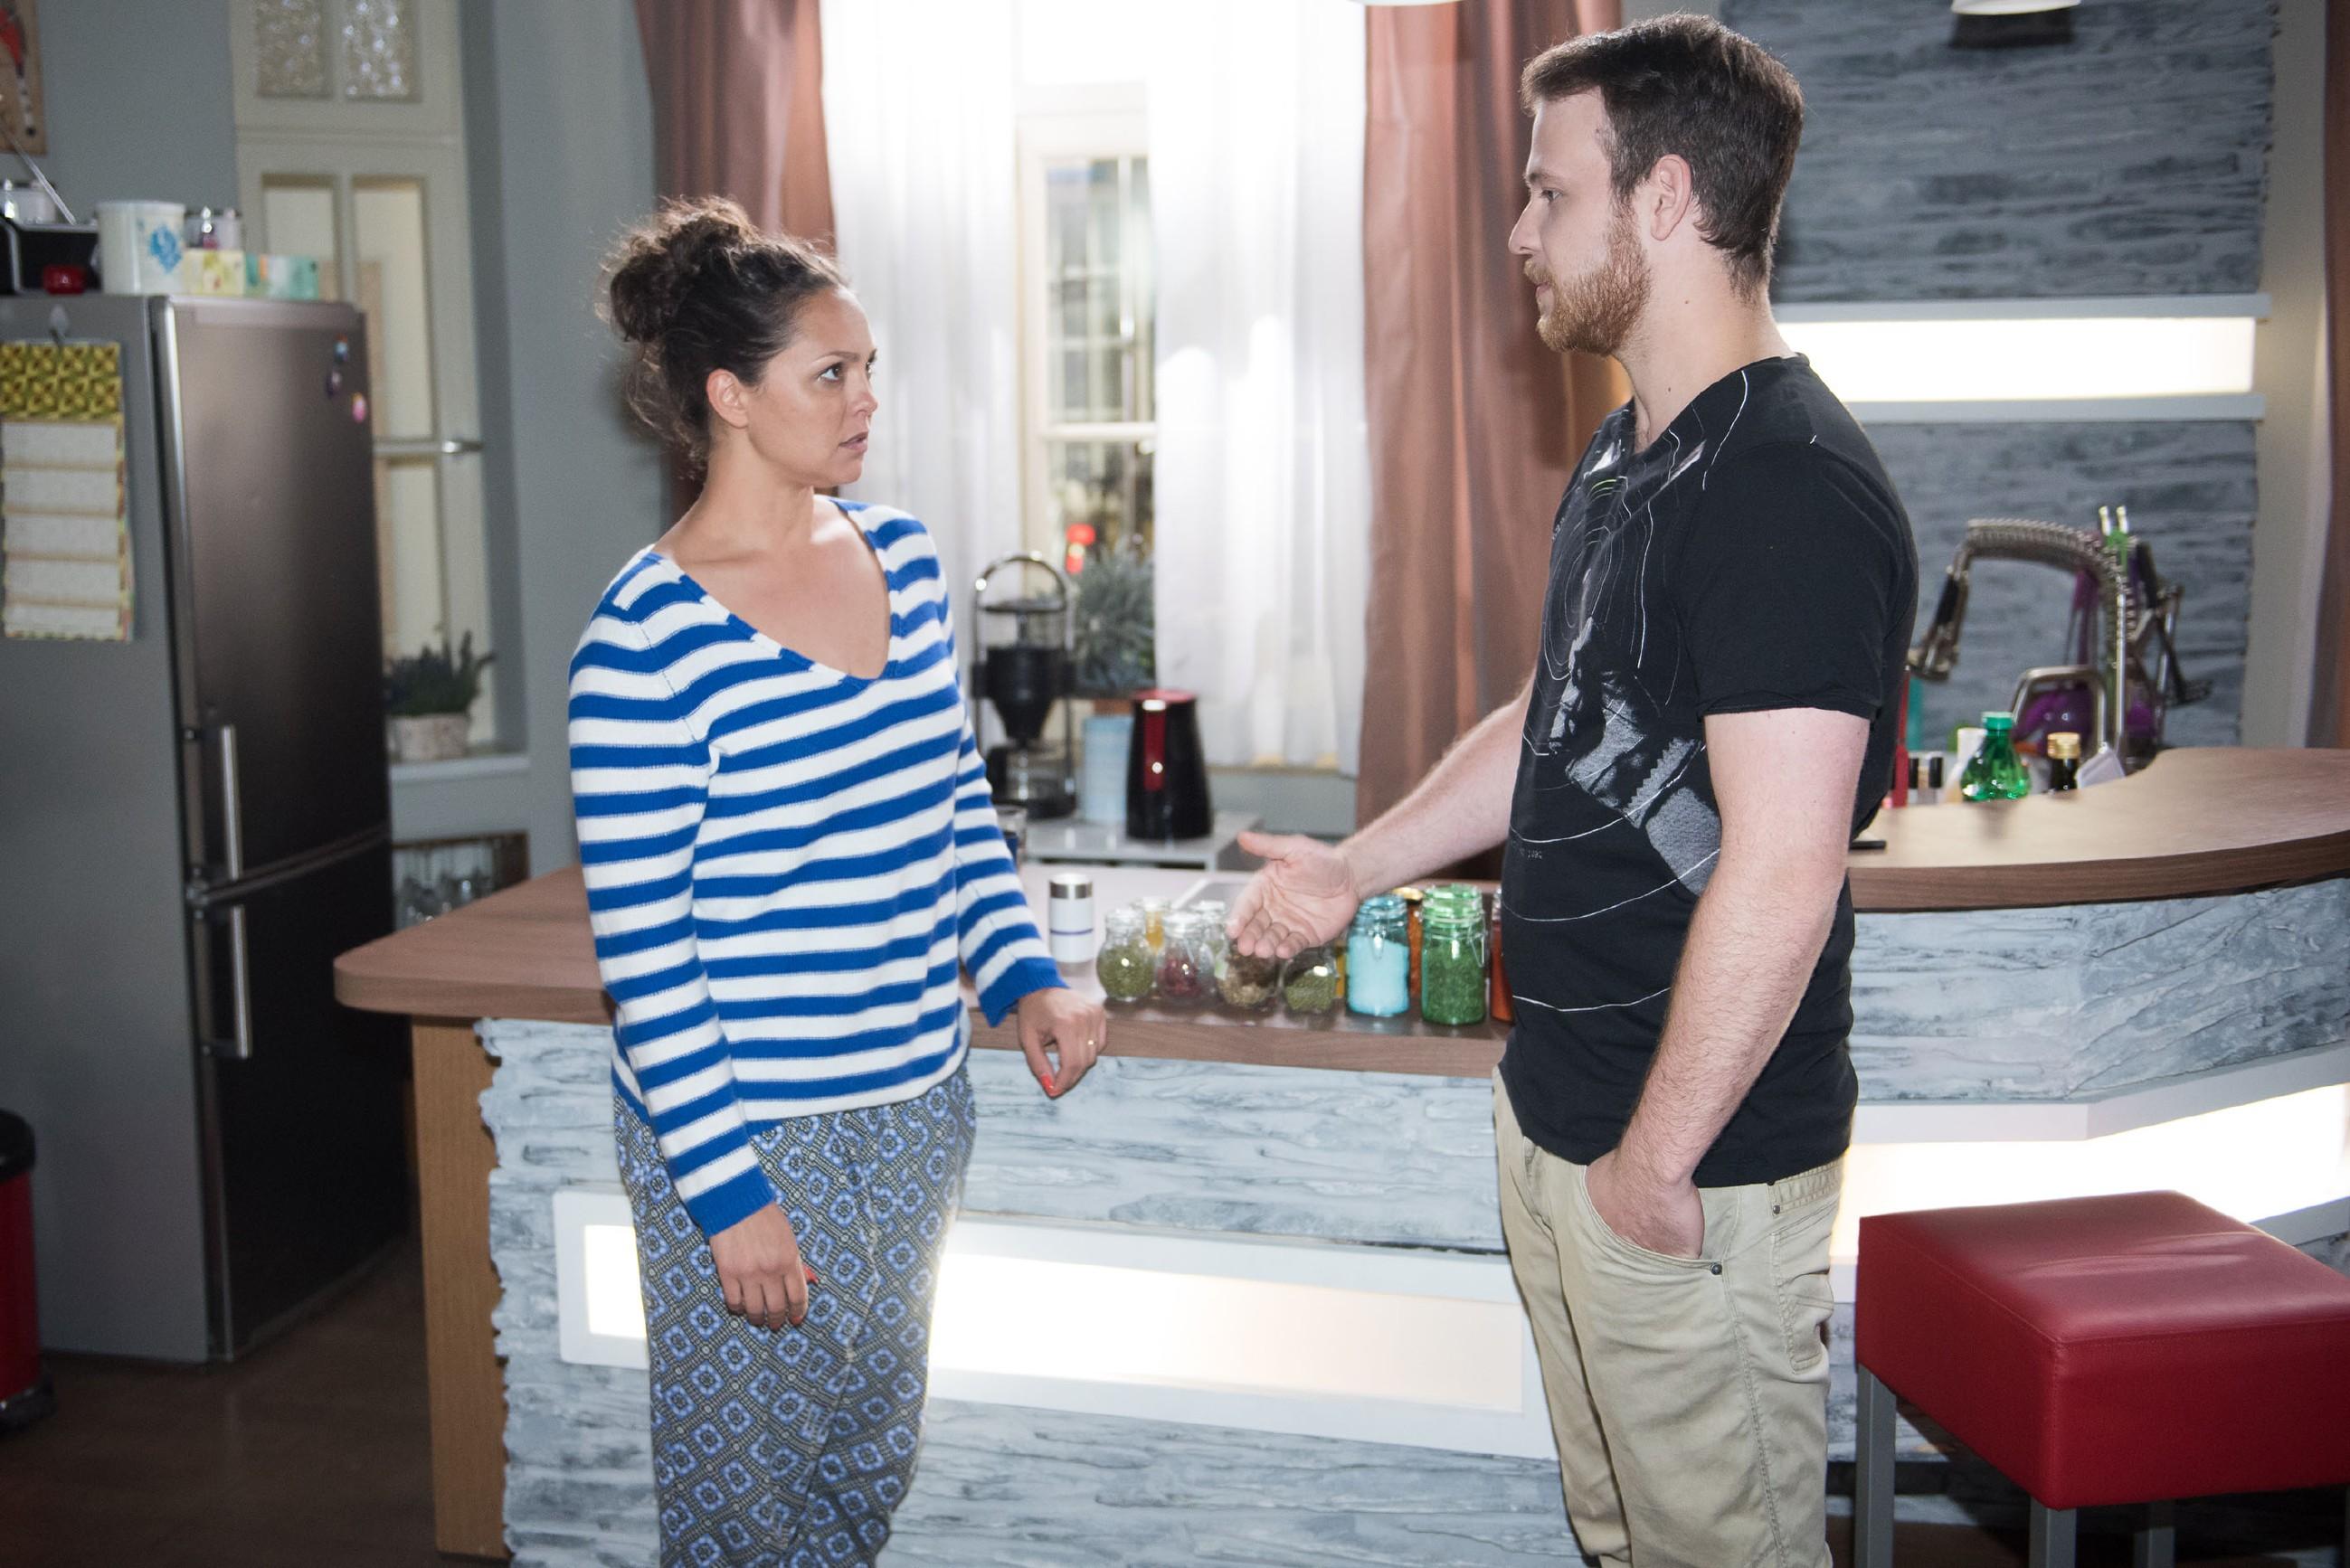 Caro (Ines Kurenbach) will nicht glauben, dass sie von Tobias (Patrick Müller) schwanger sein könnte. (Quelle: RTL / Stefan Behrens)